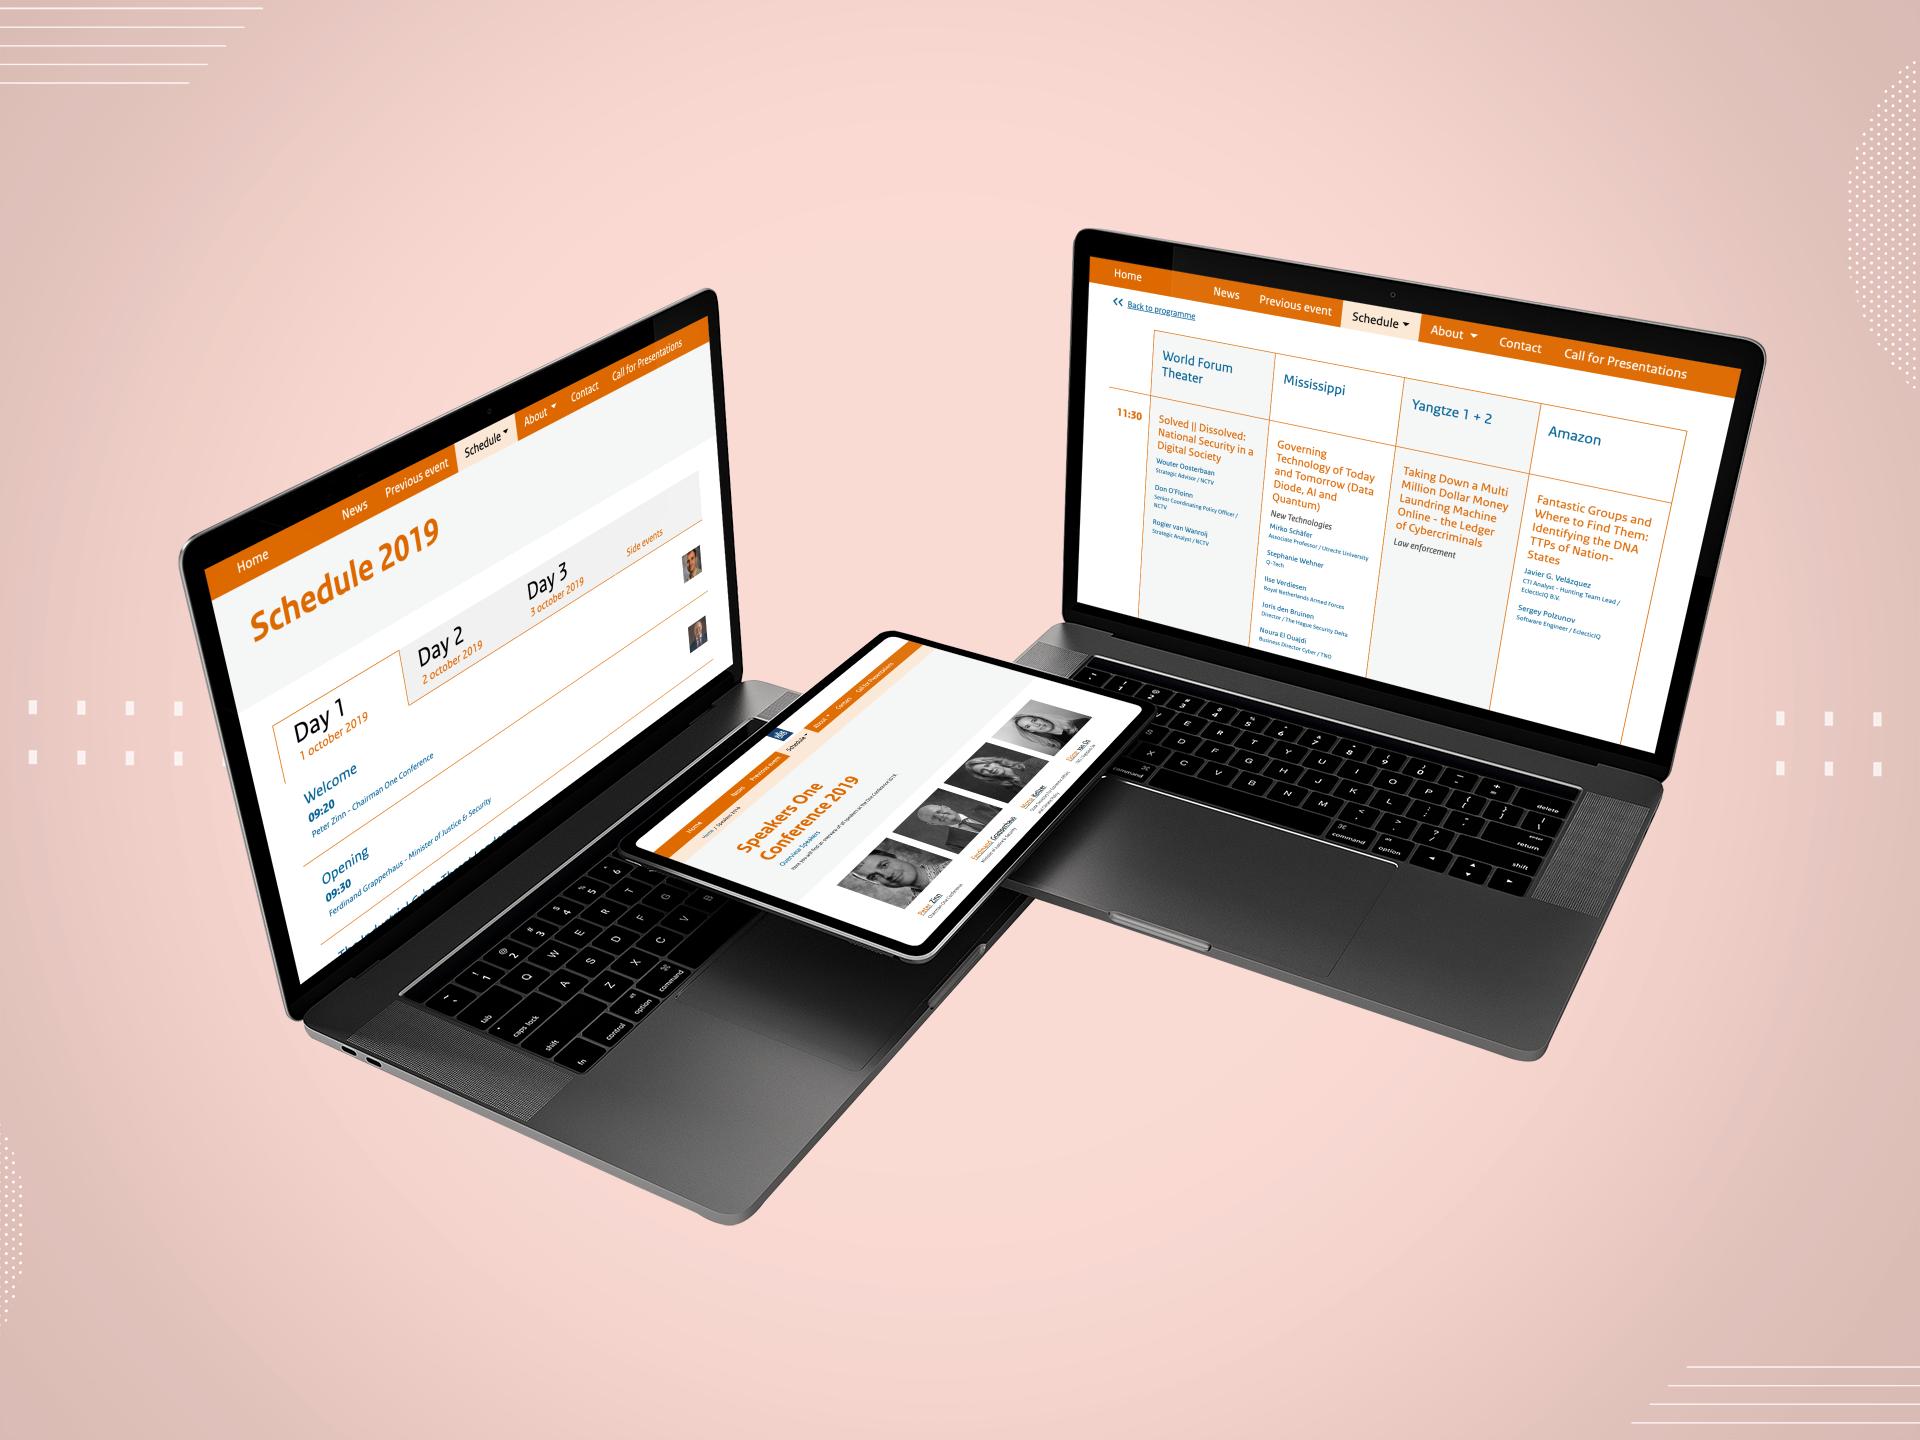 afbeelding laptops op roze achtergrond met schedule 2019 website one conference